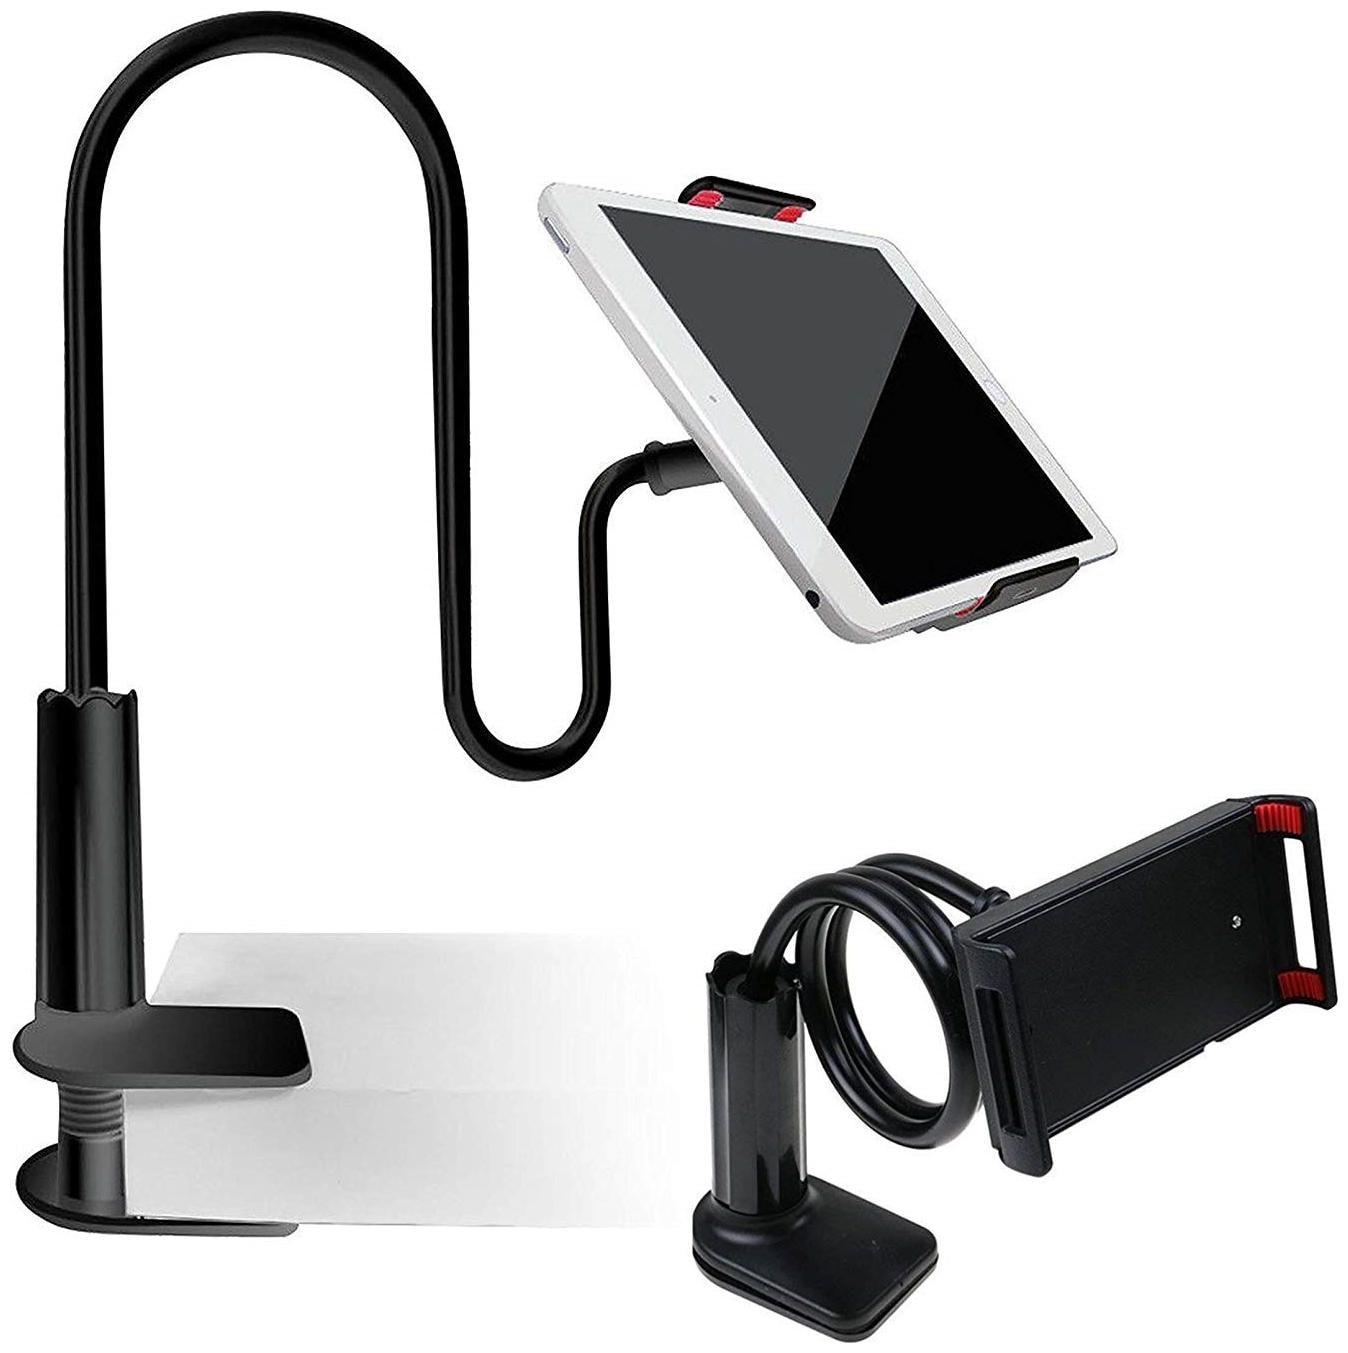 Hiker Mobile Desktop Holder (Black)